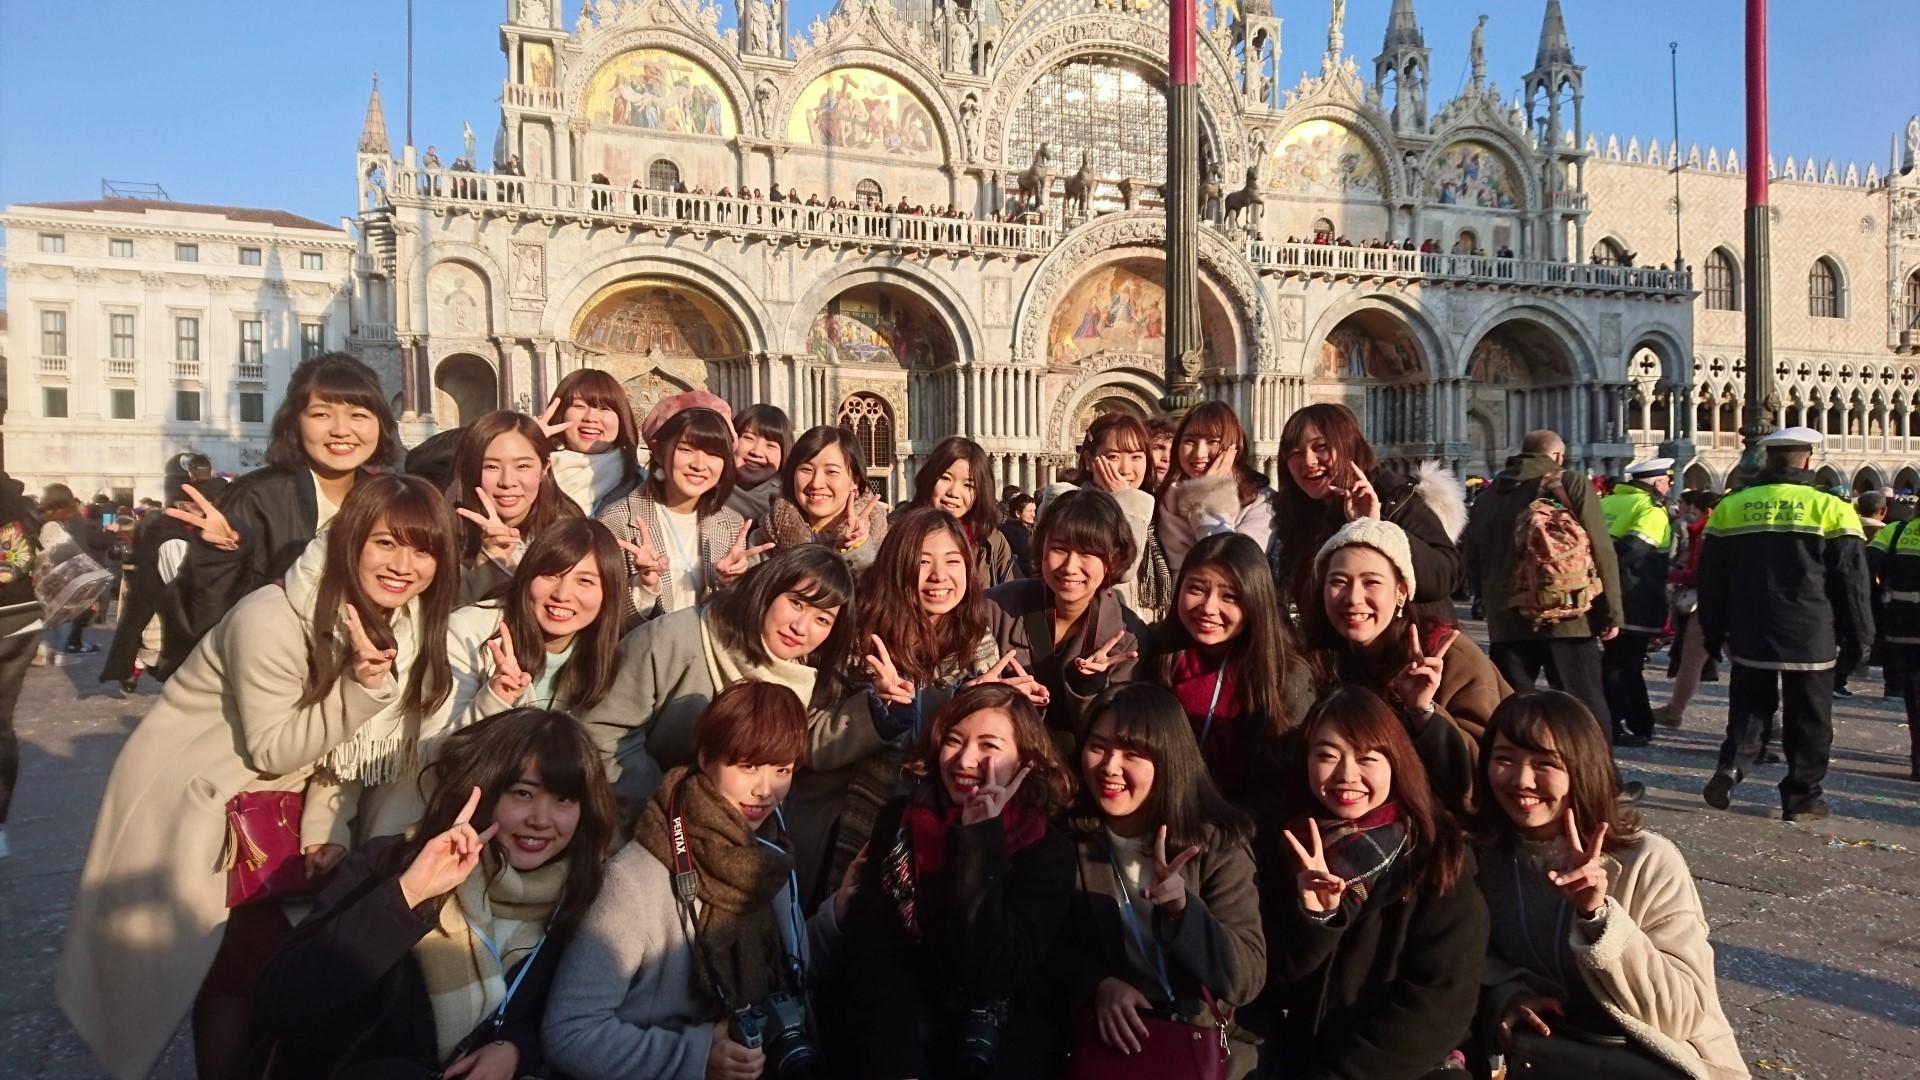 ヴェネチア(サンマルコ寺院)訪問